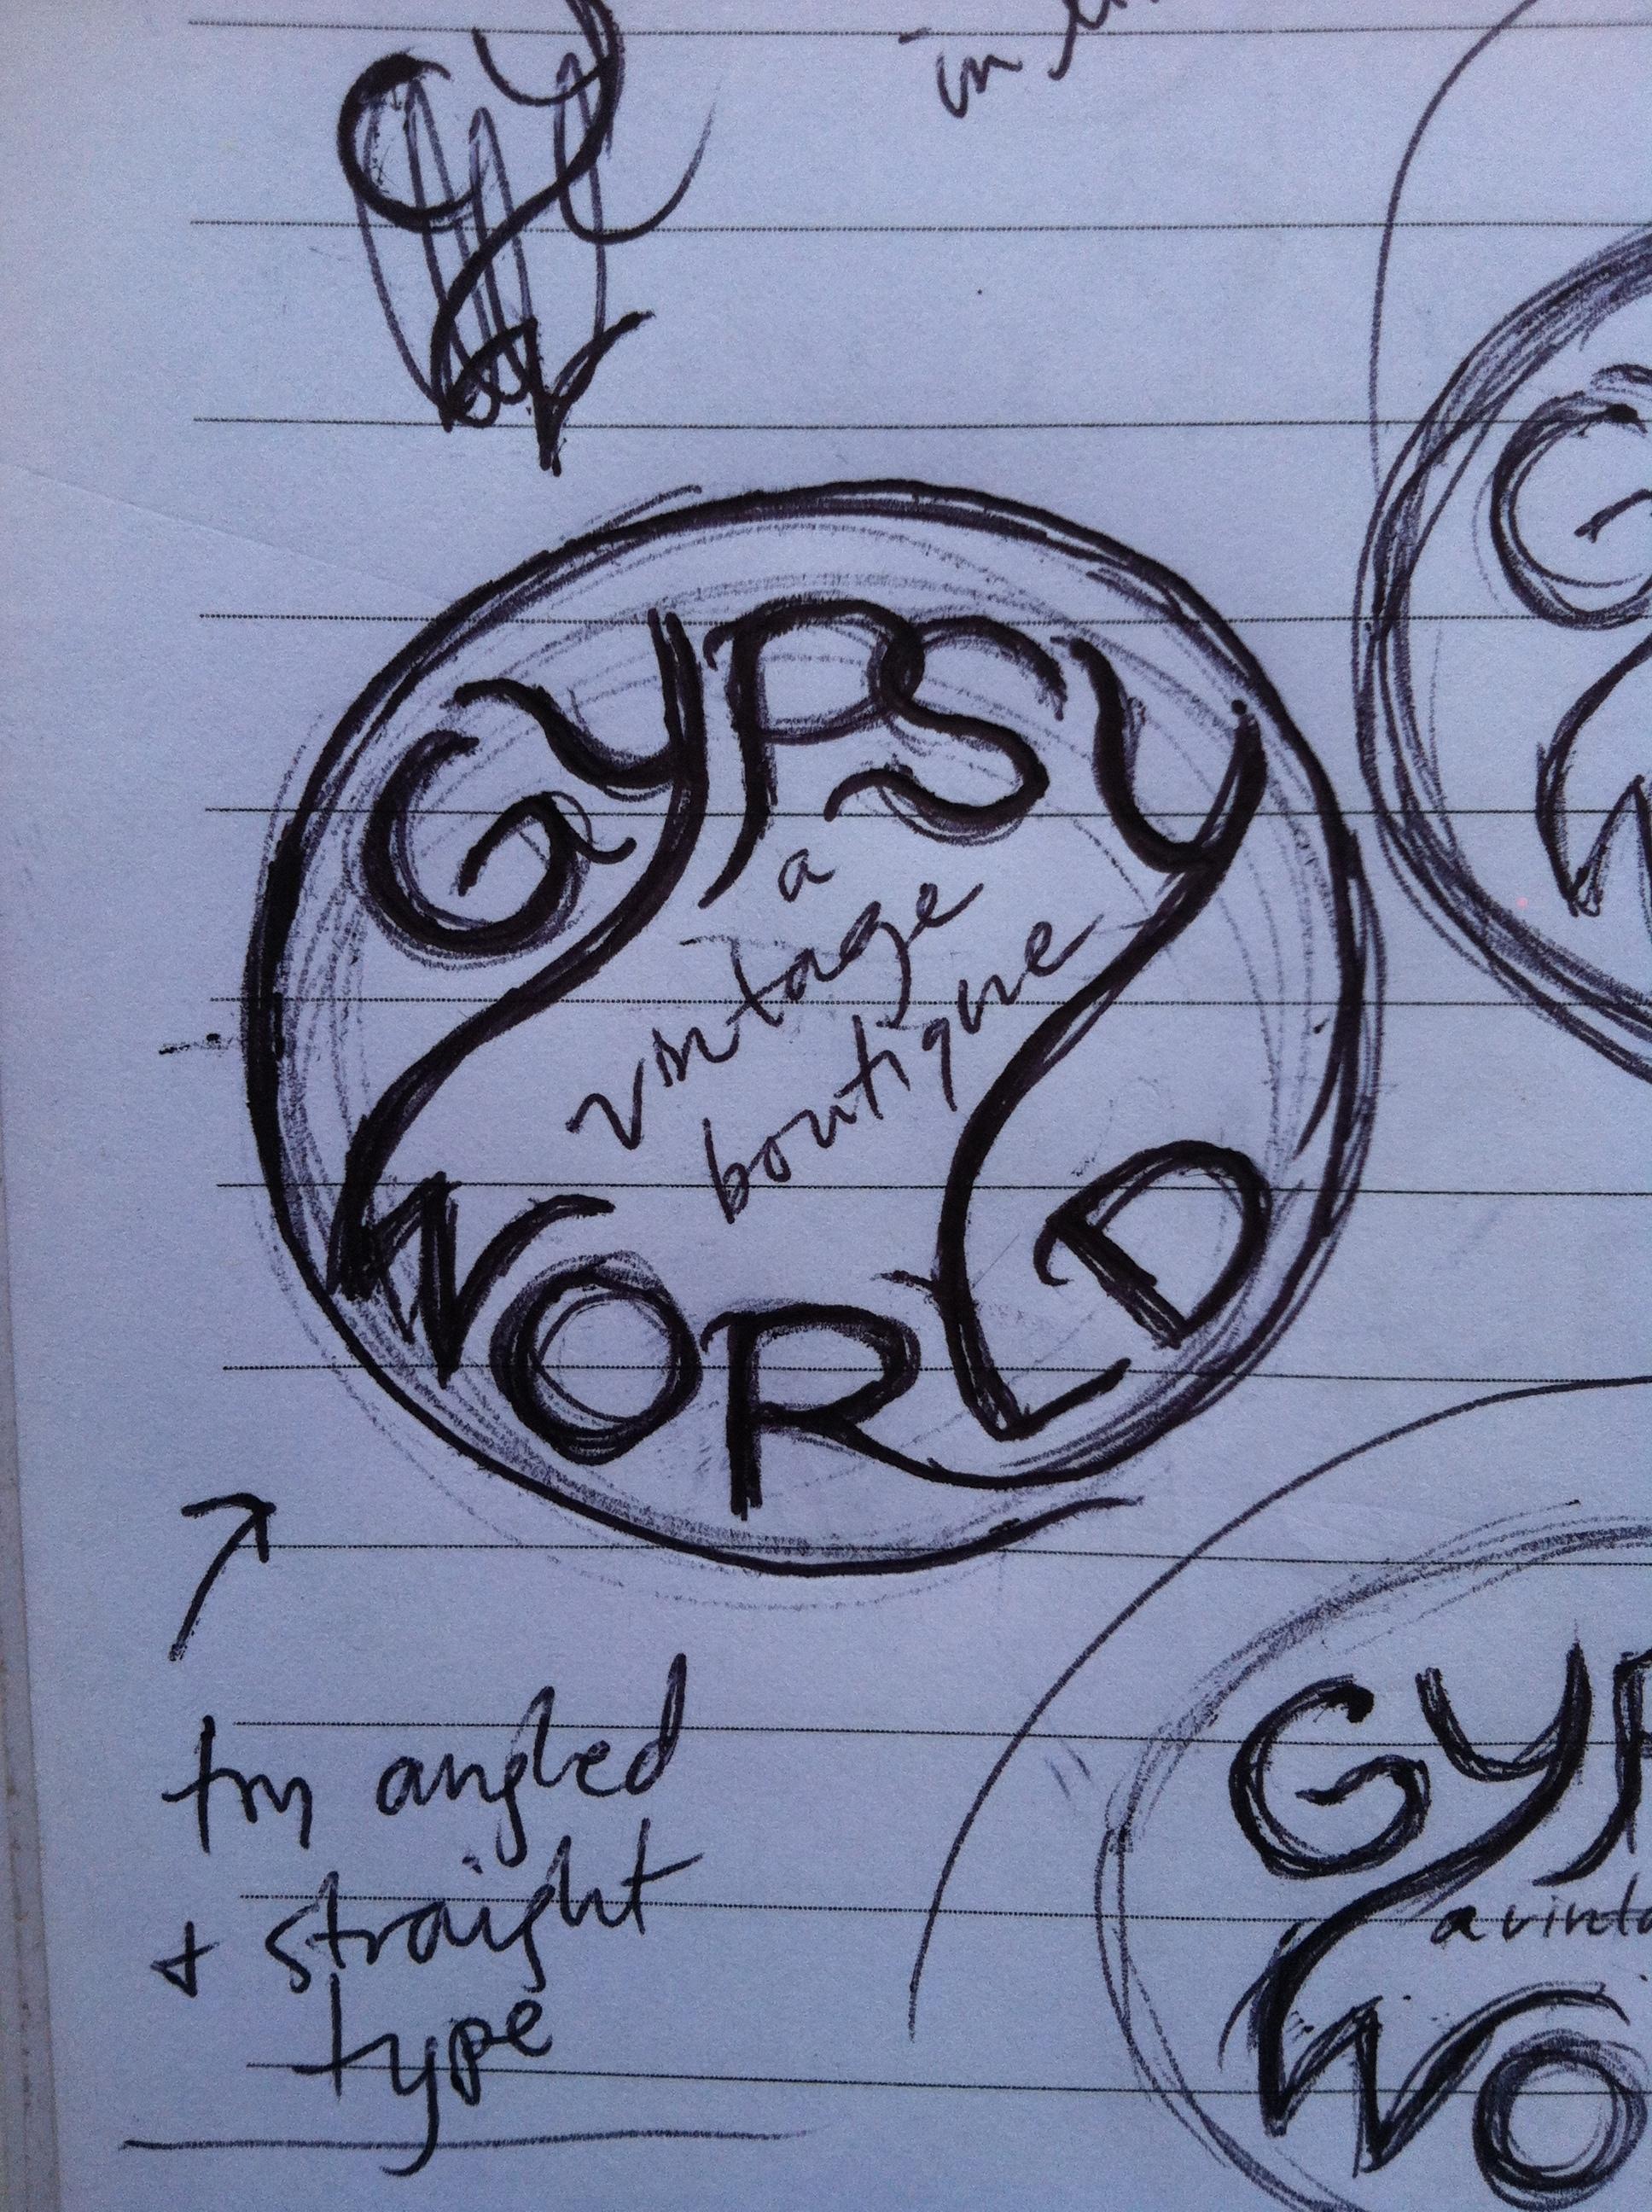 Gypsy World logo sketch